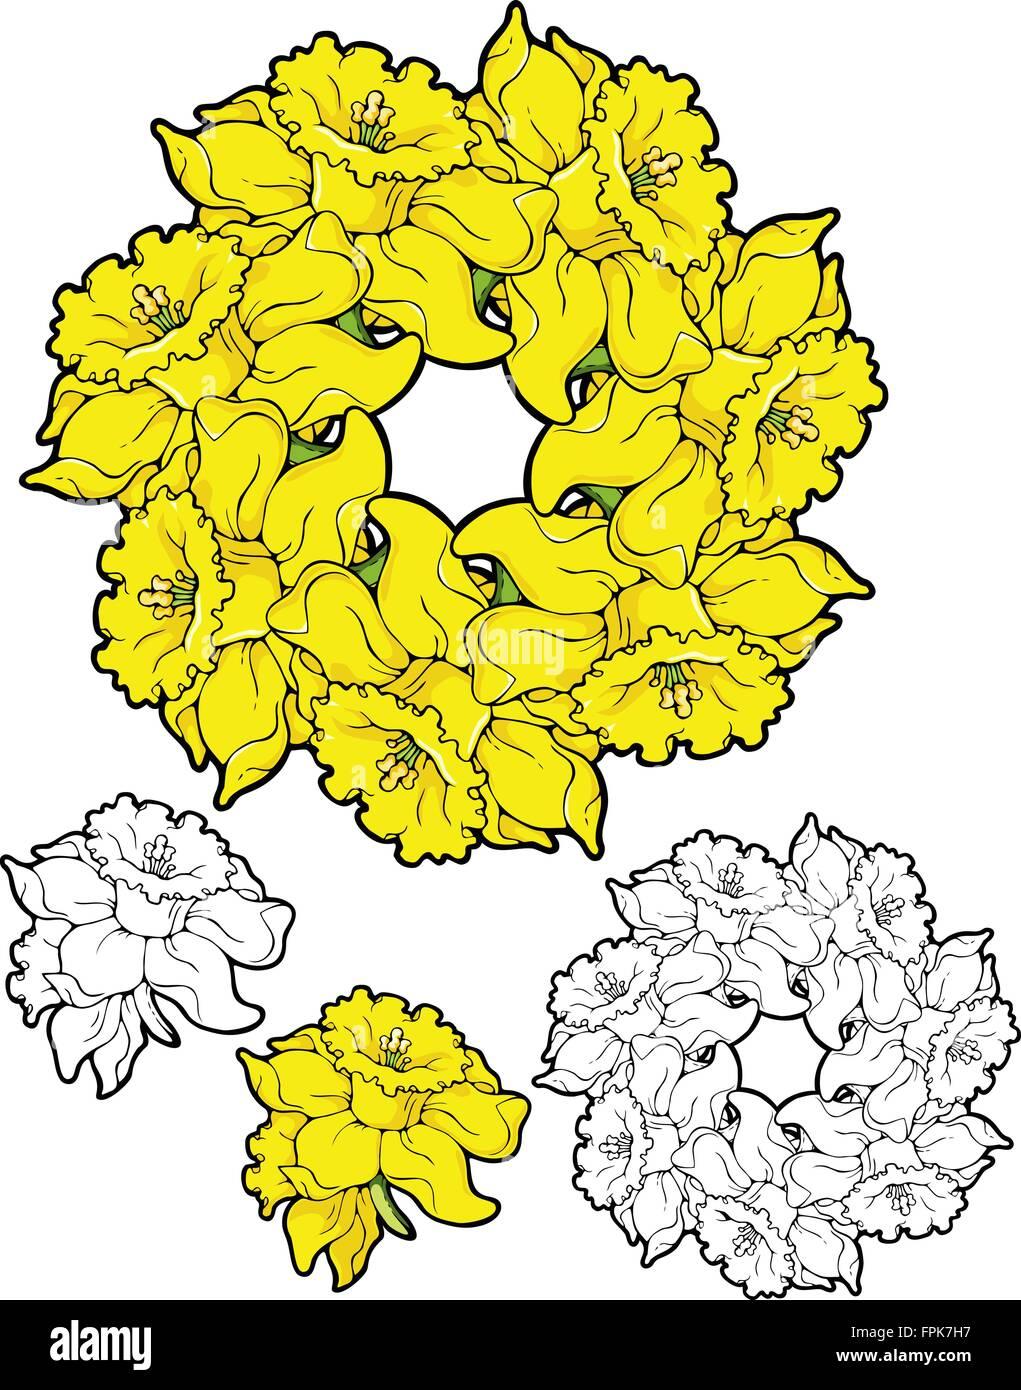 Frühling Mandalas Von Gelben Blüten Sieben Narzissen Vektor